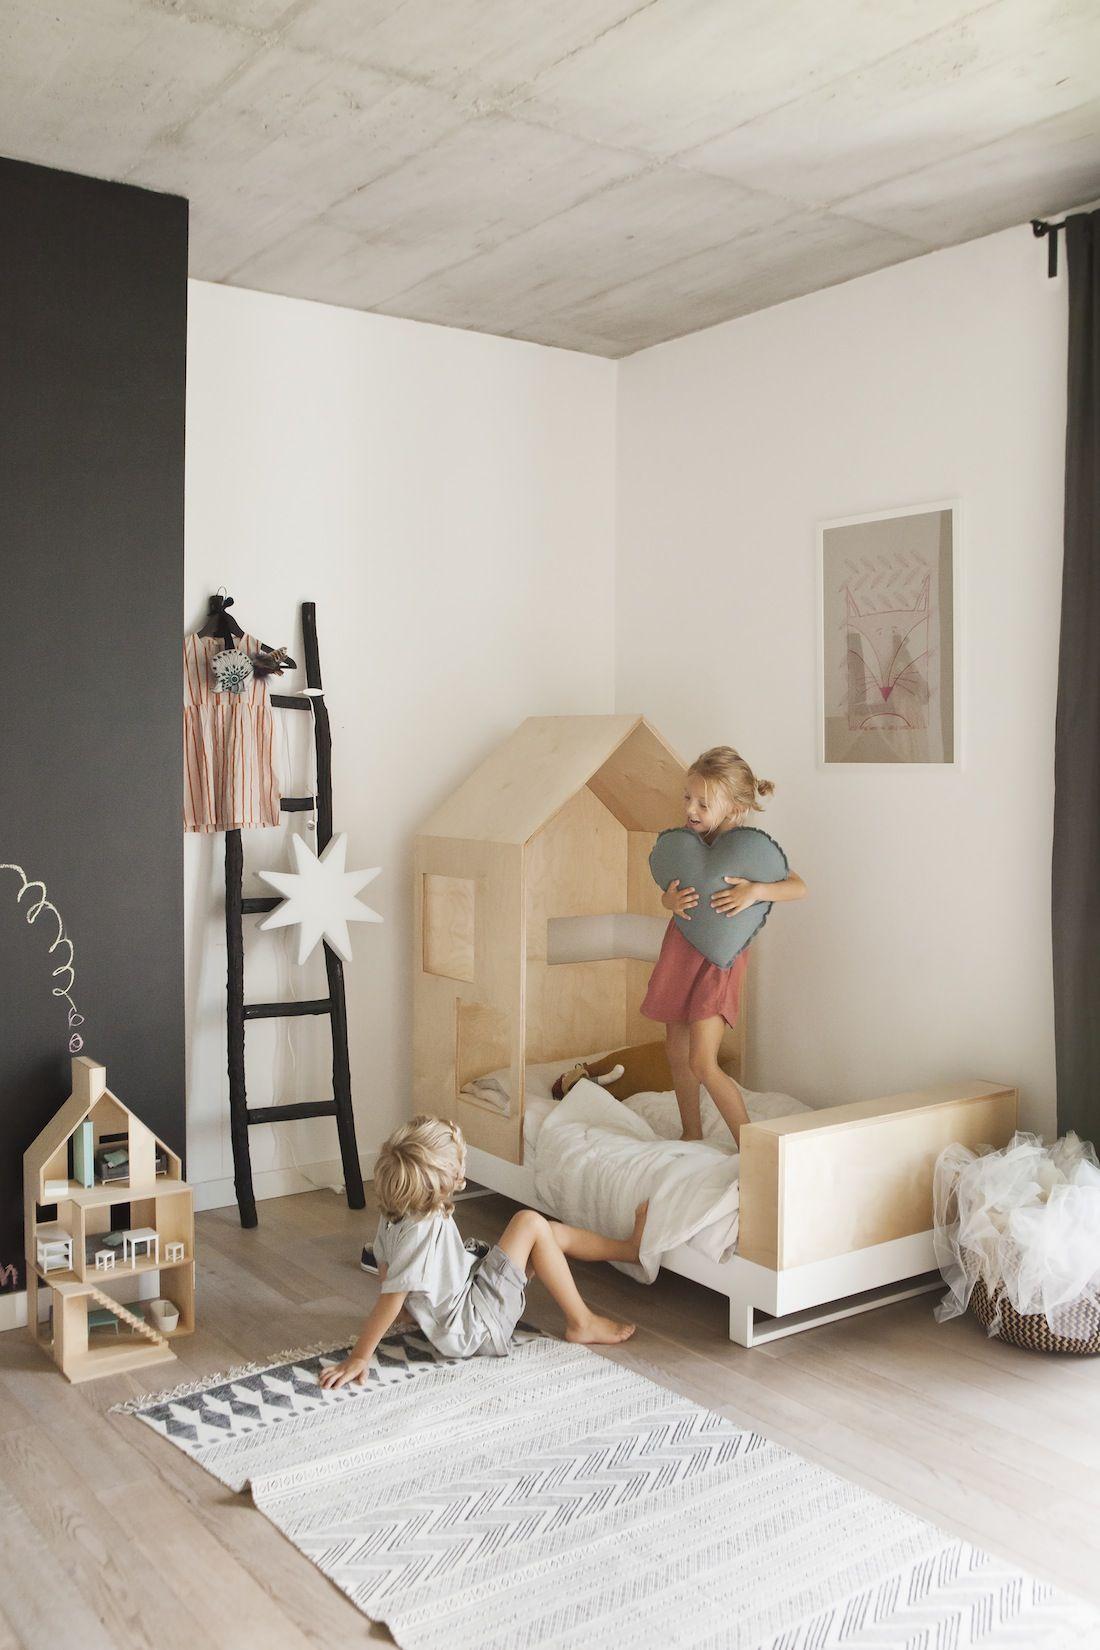 Charmant KUTIKAI : MOBILIER CRÉATIF POUR ENFANTS